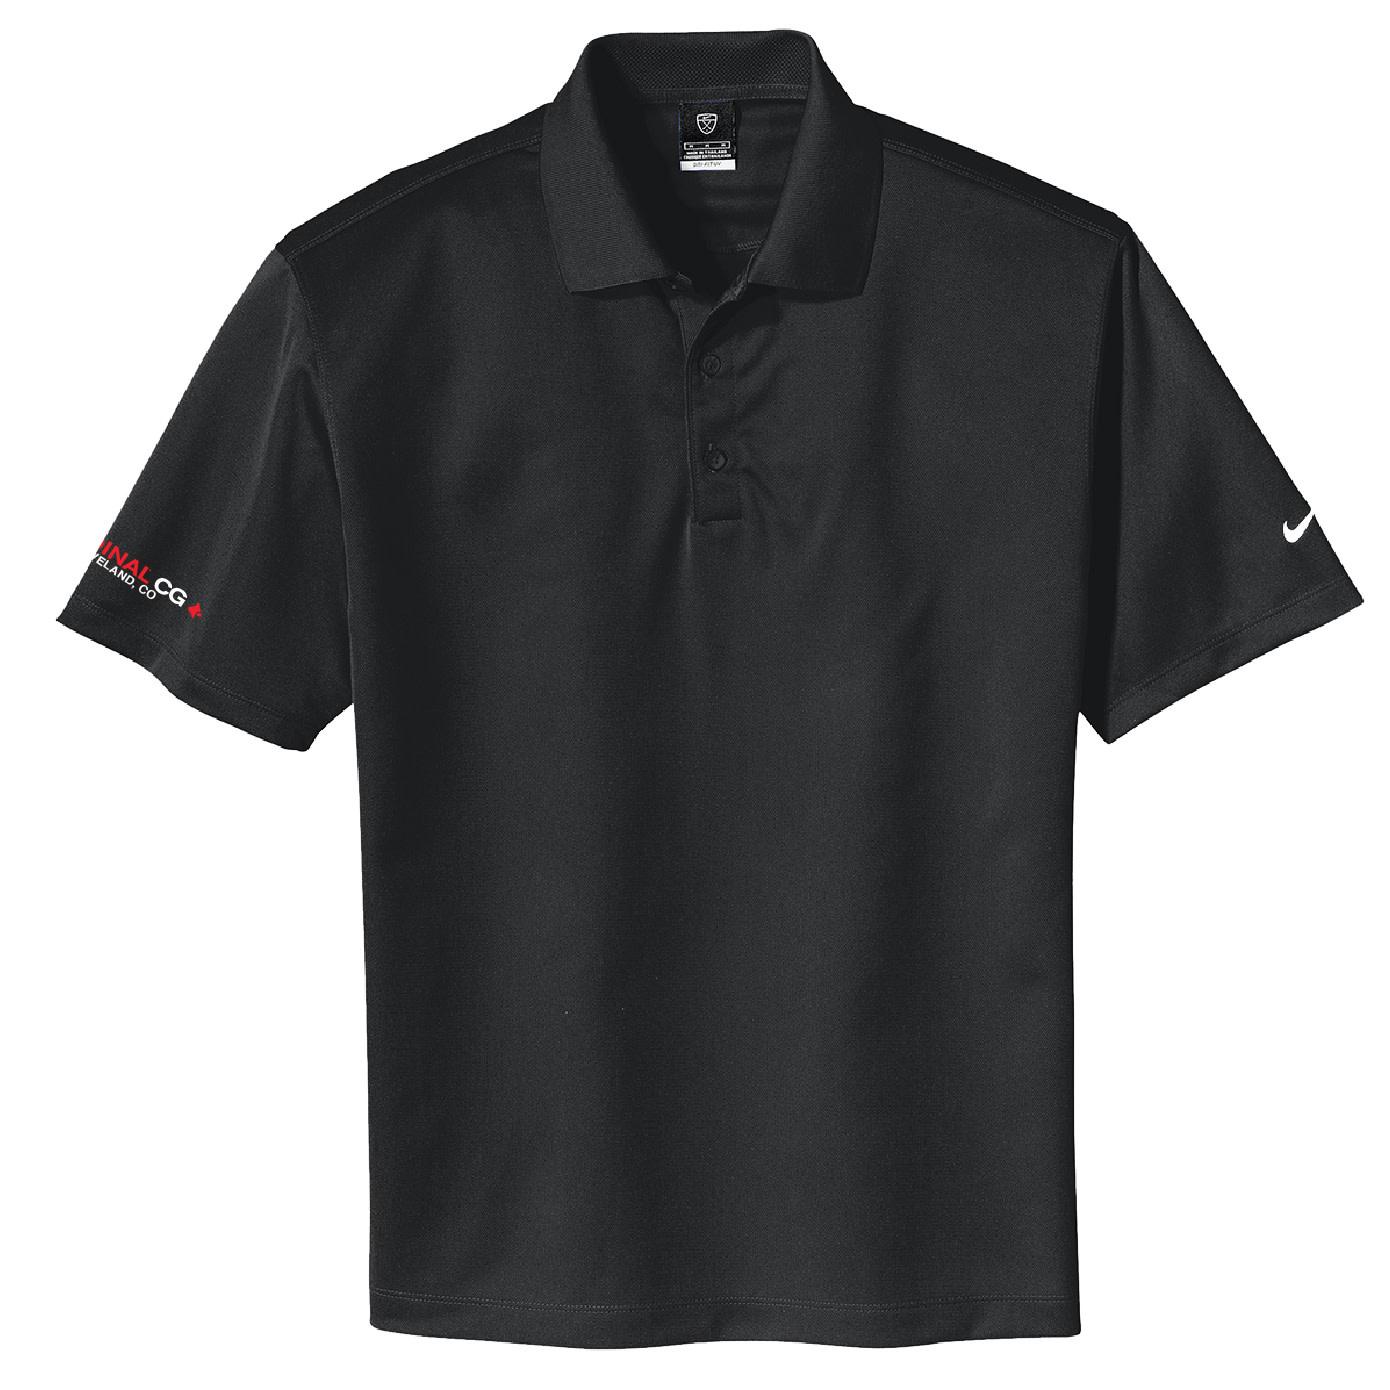 Nike Nike Tech Basic Dri-FIT Polo (Black)